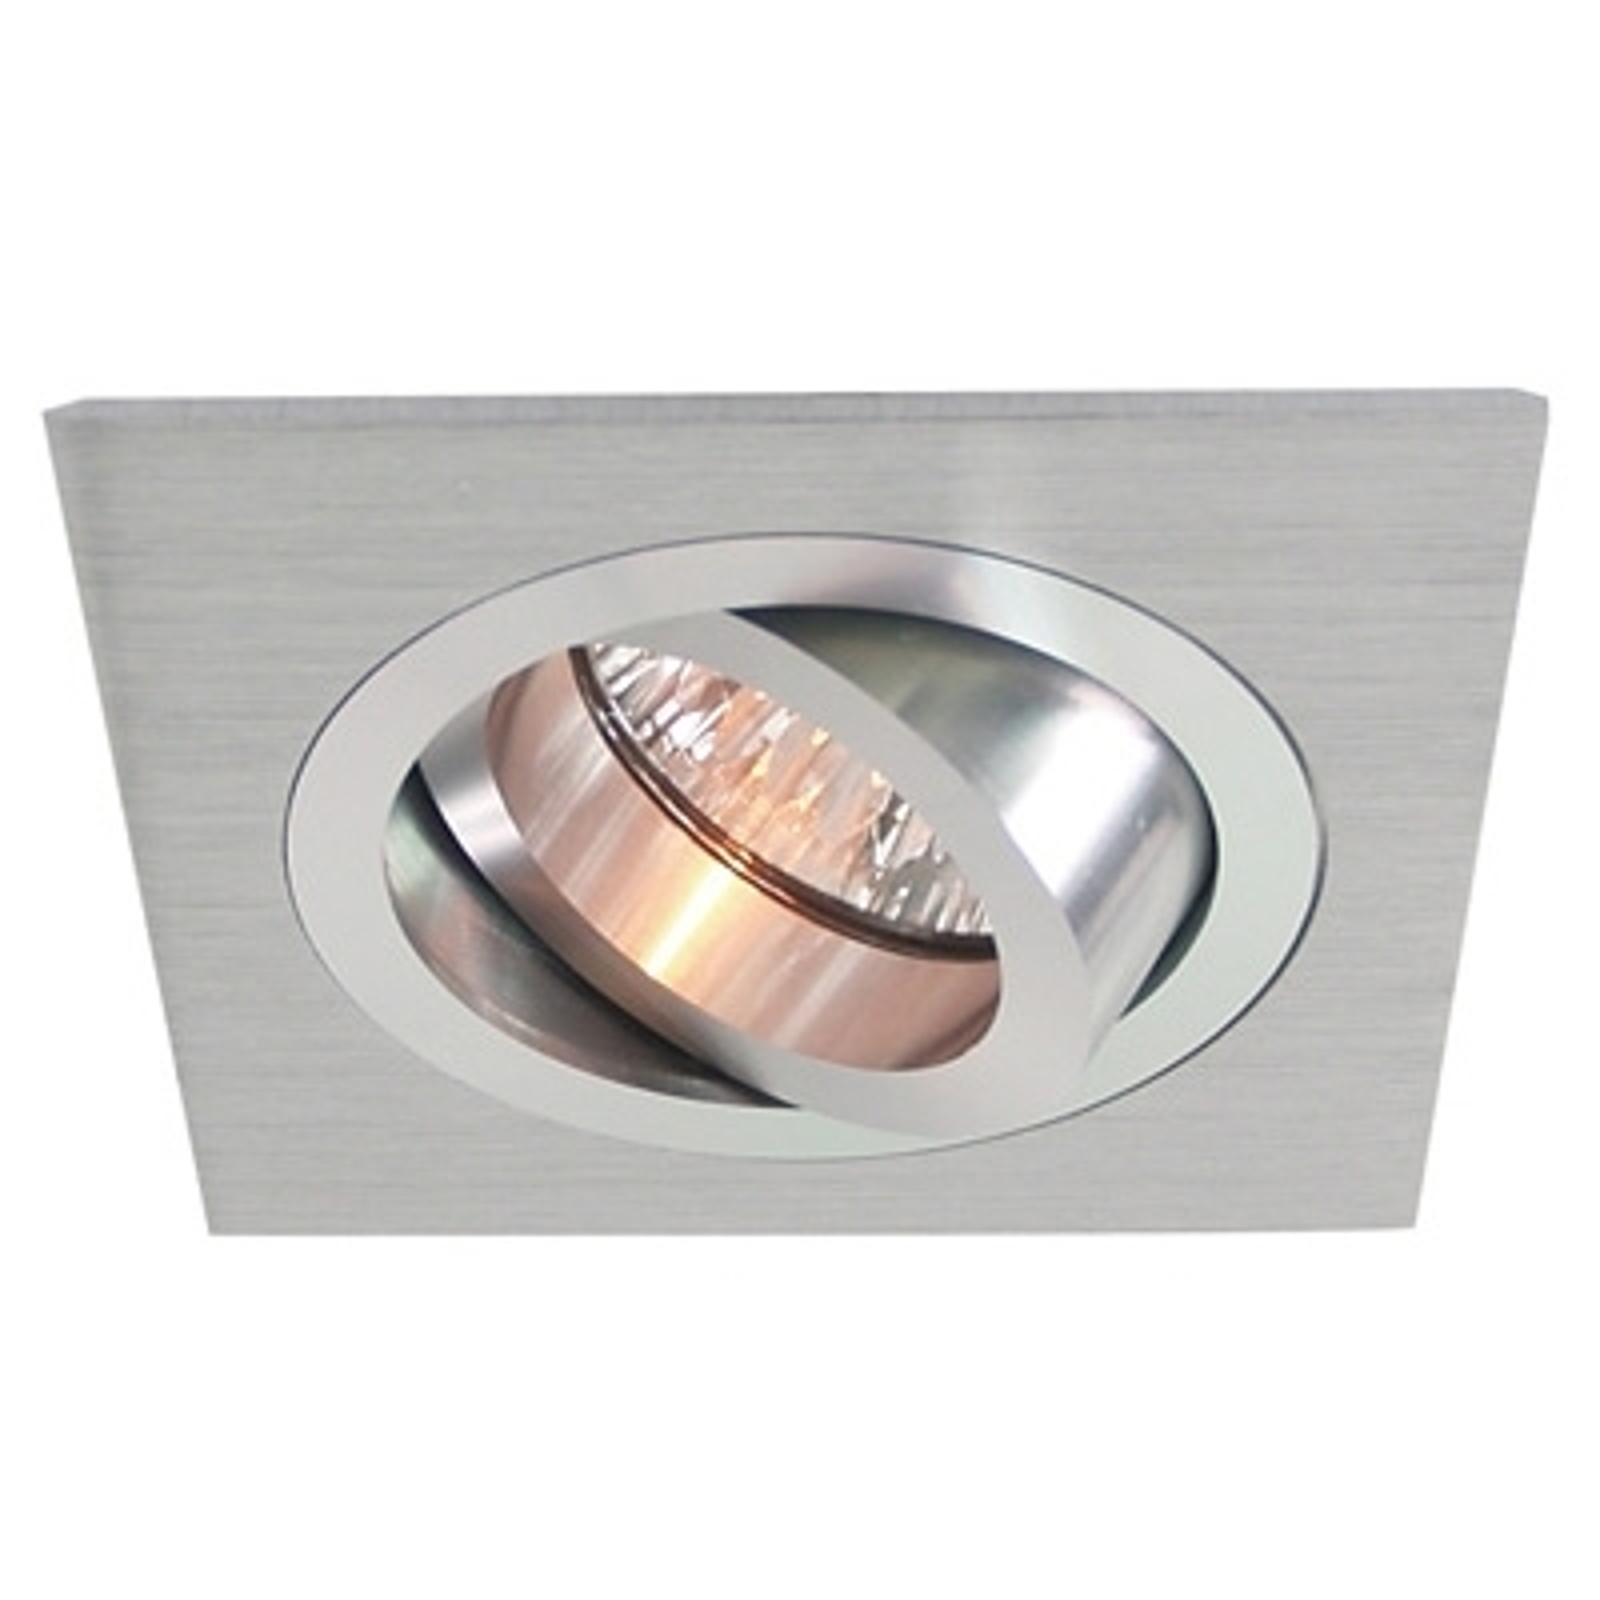 Pivotable alu recessed light, 9.2 x 9.2, alu_2501076_1